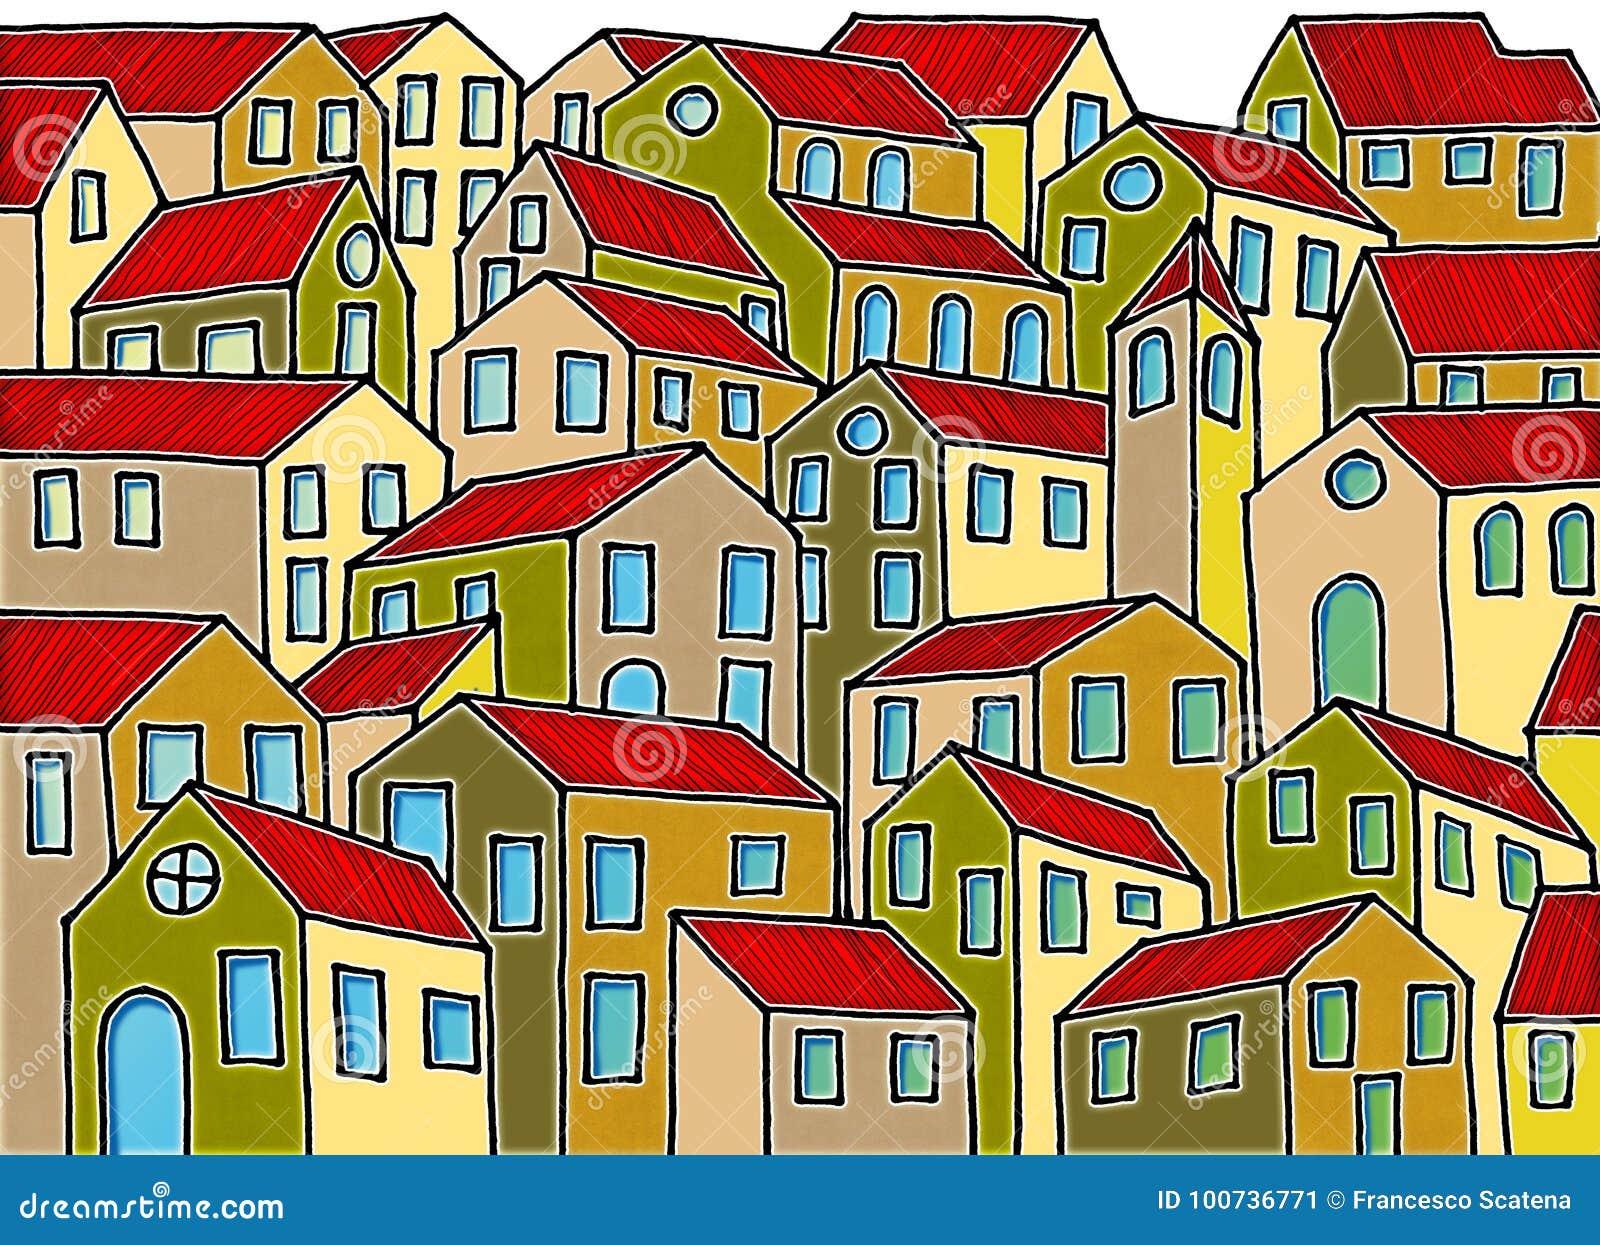 Denkbeeldige die stad door de oude Toscaanse die steden wordt geïnspireerd - I ` m de auteursrechteigenaar van de graffitibeelden